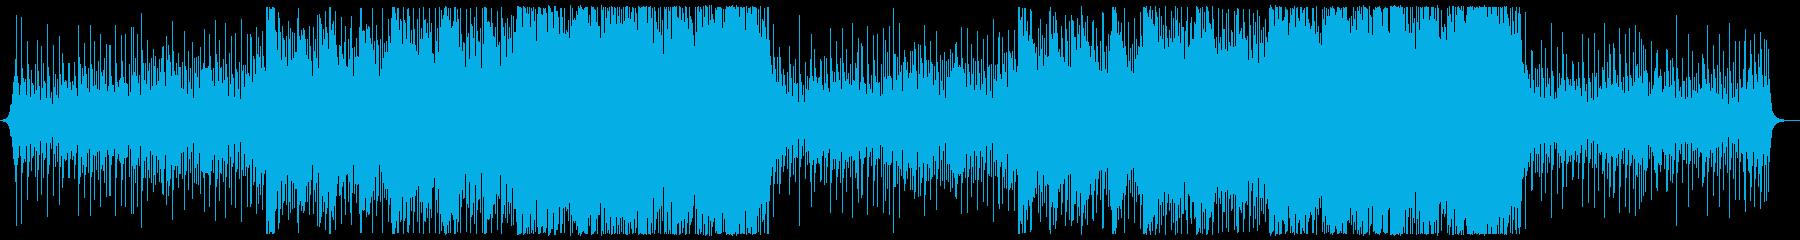 おしゃれ11の再生済みの波形